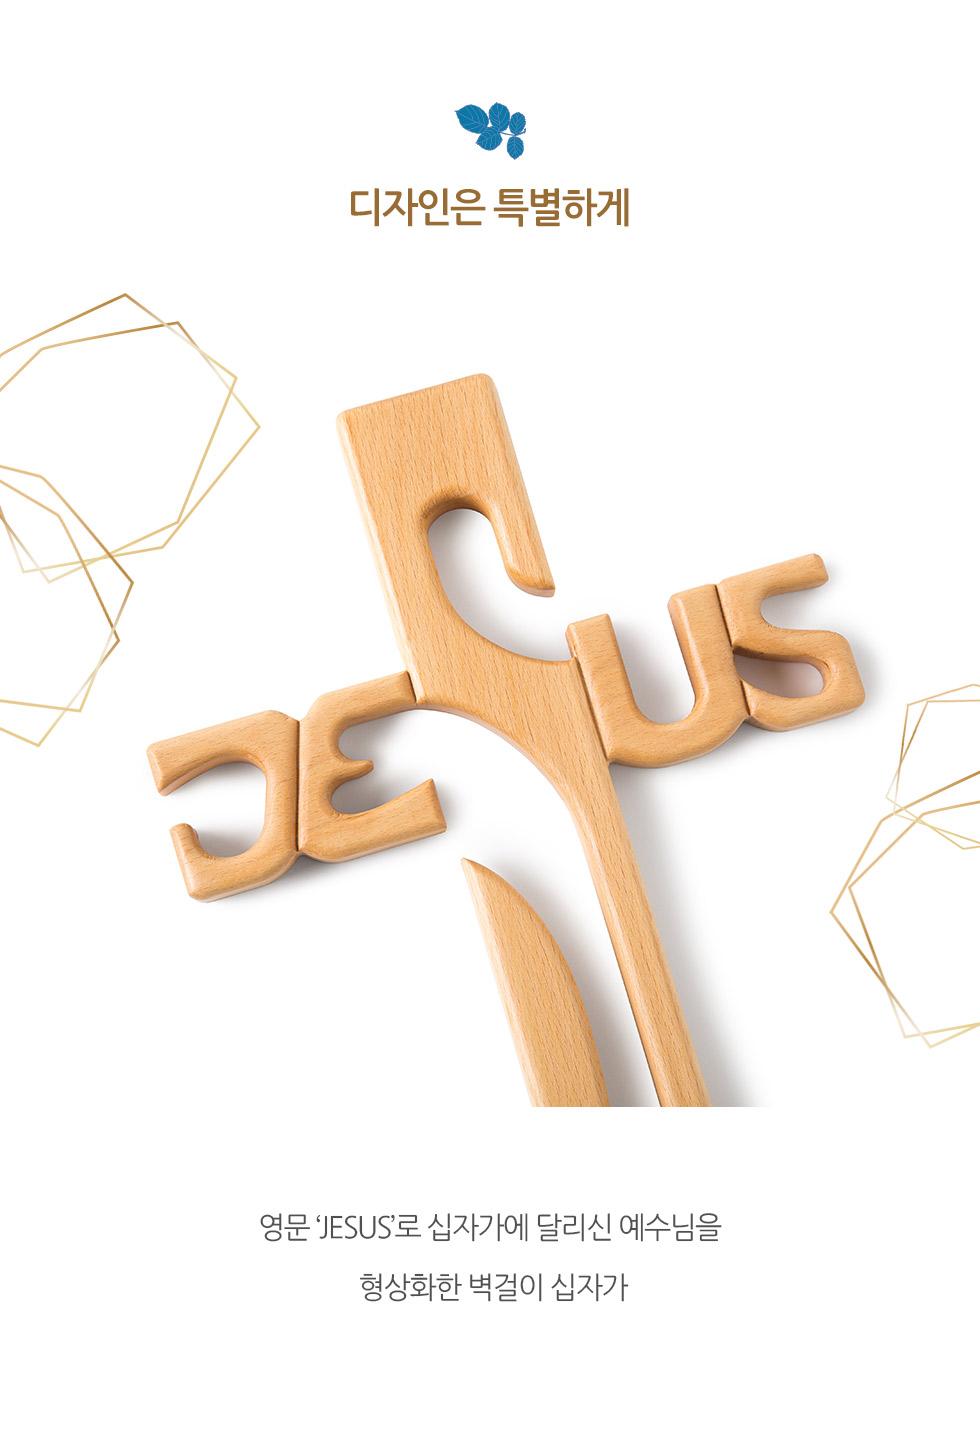 원목 JESUS 벽걸이 십자가 디자인은 특별하게